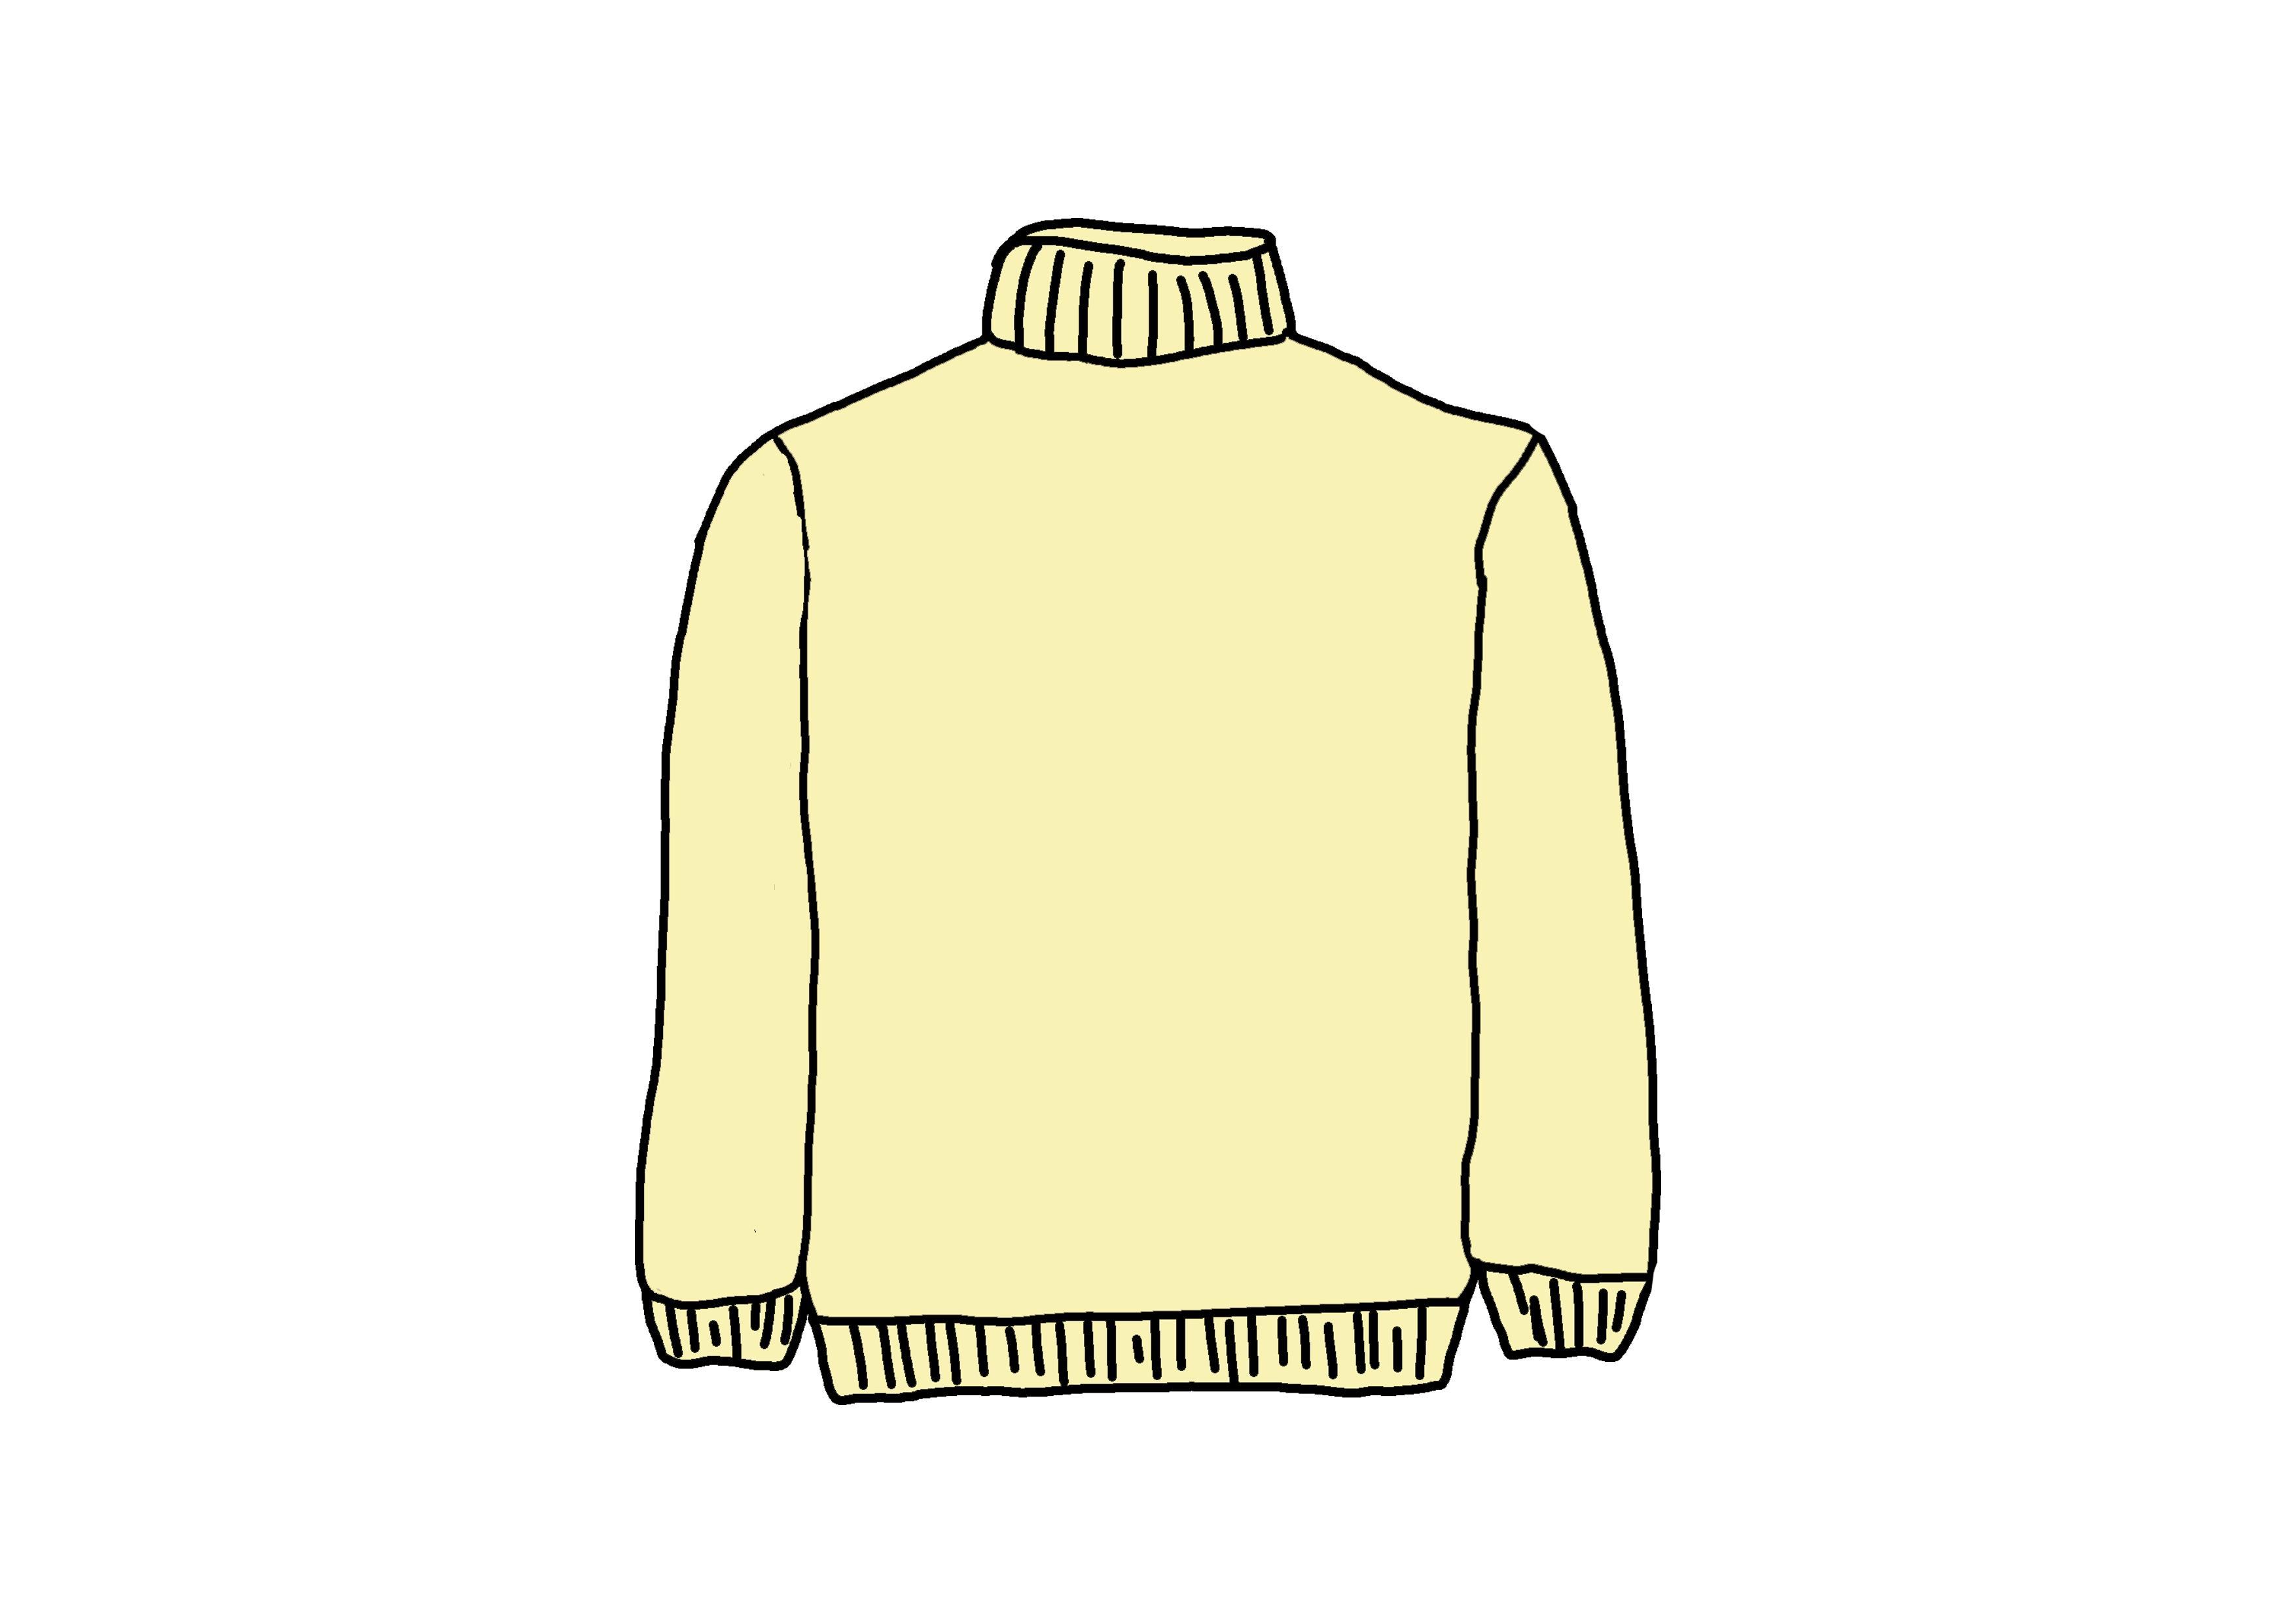 イラスト【セーター】